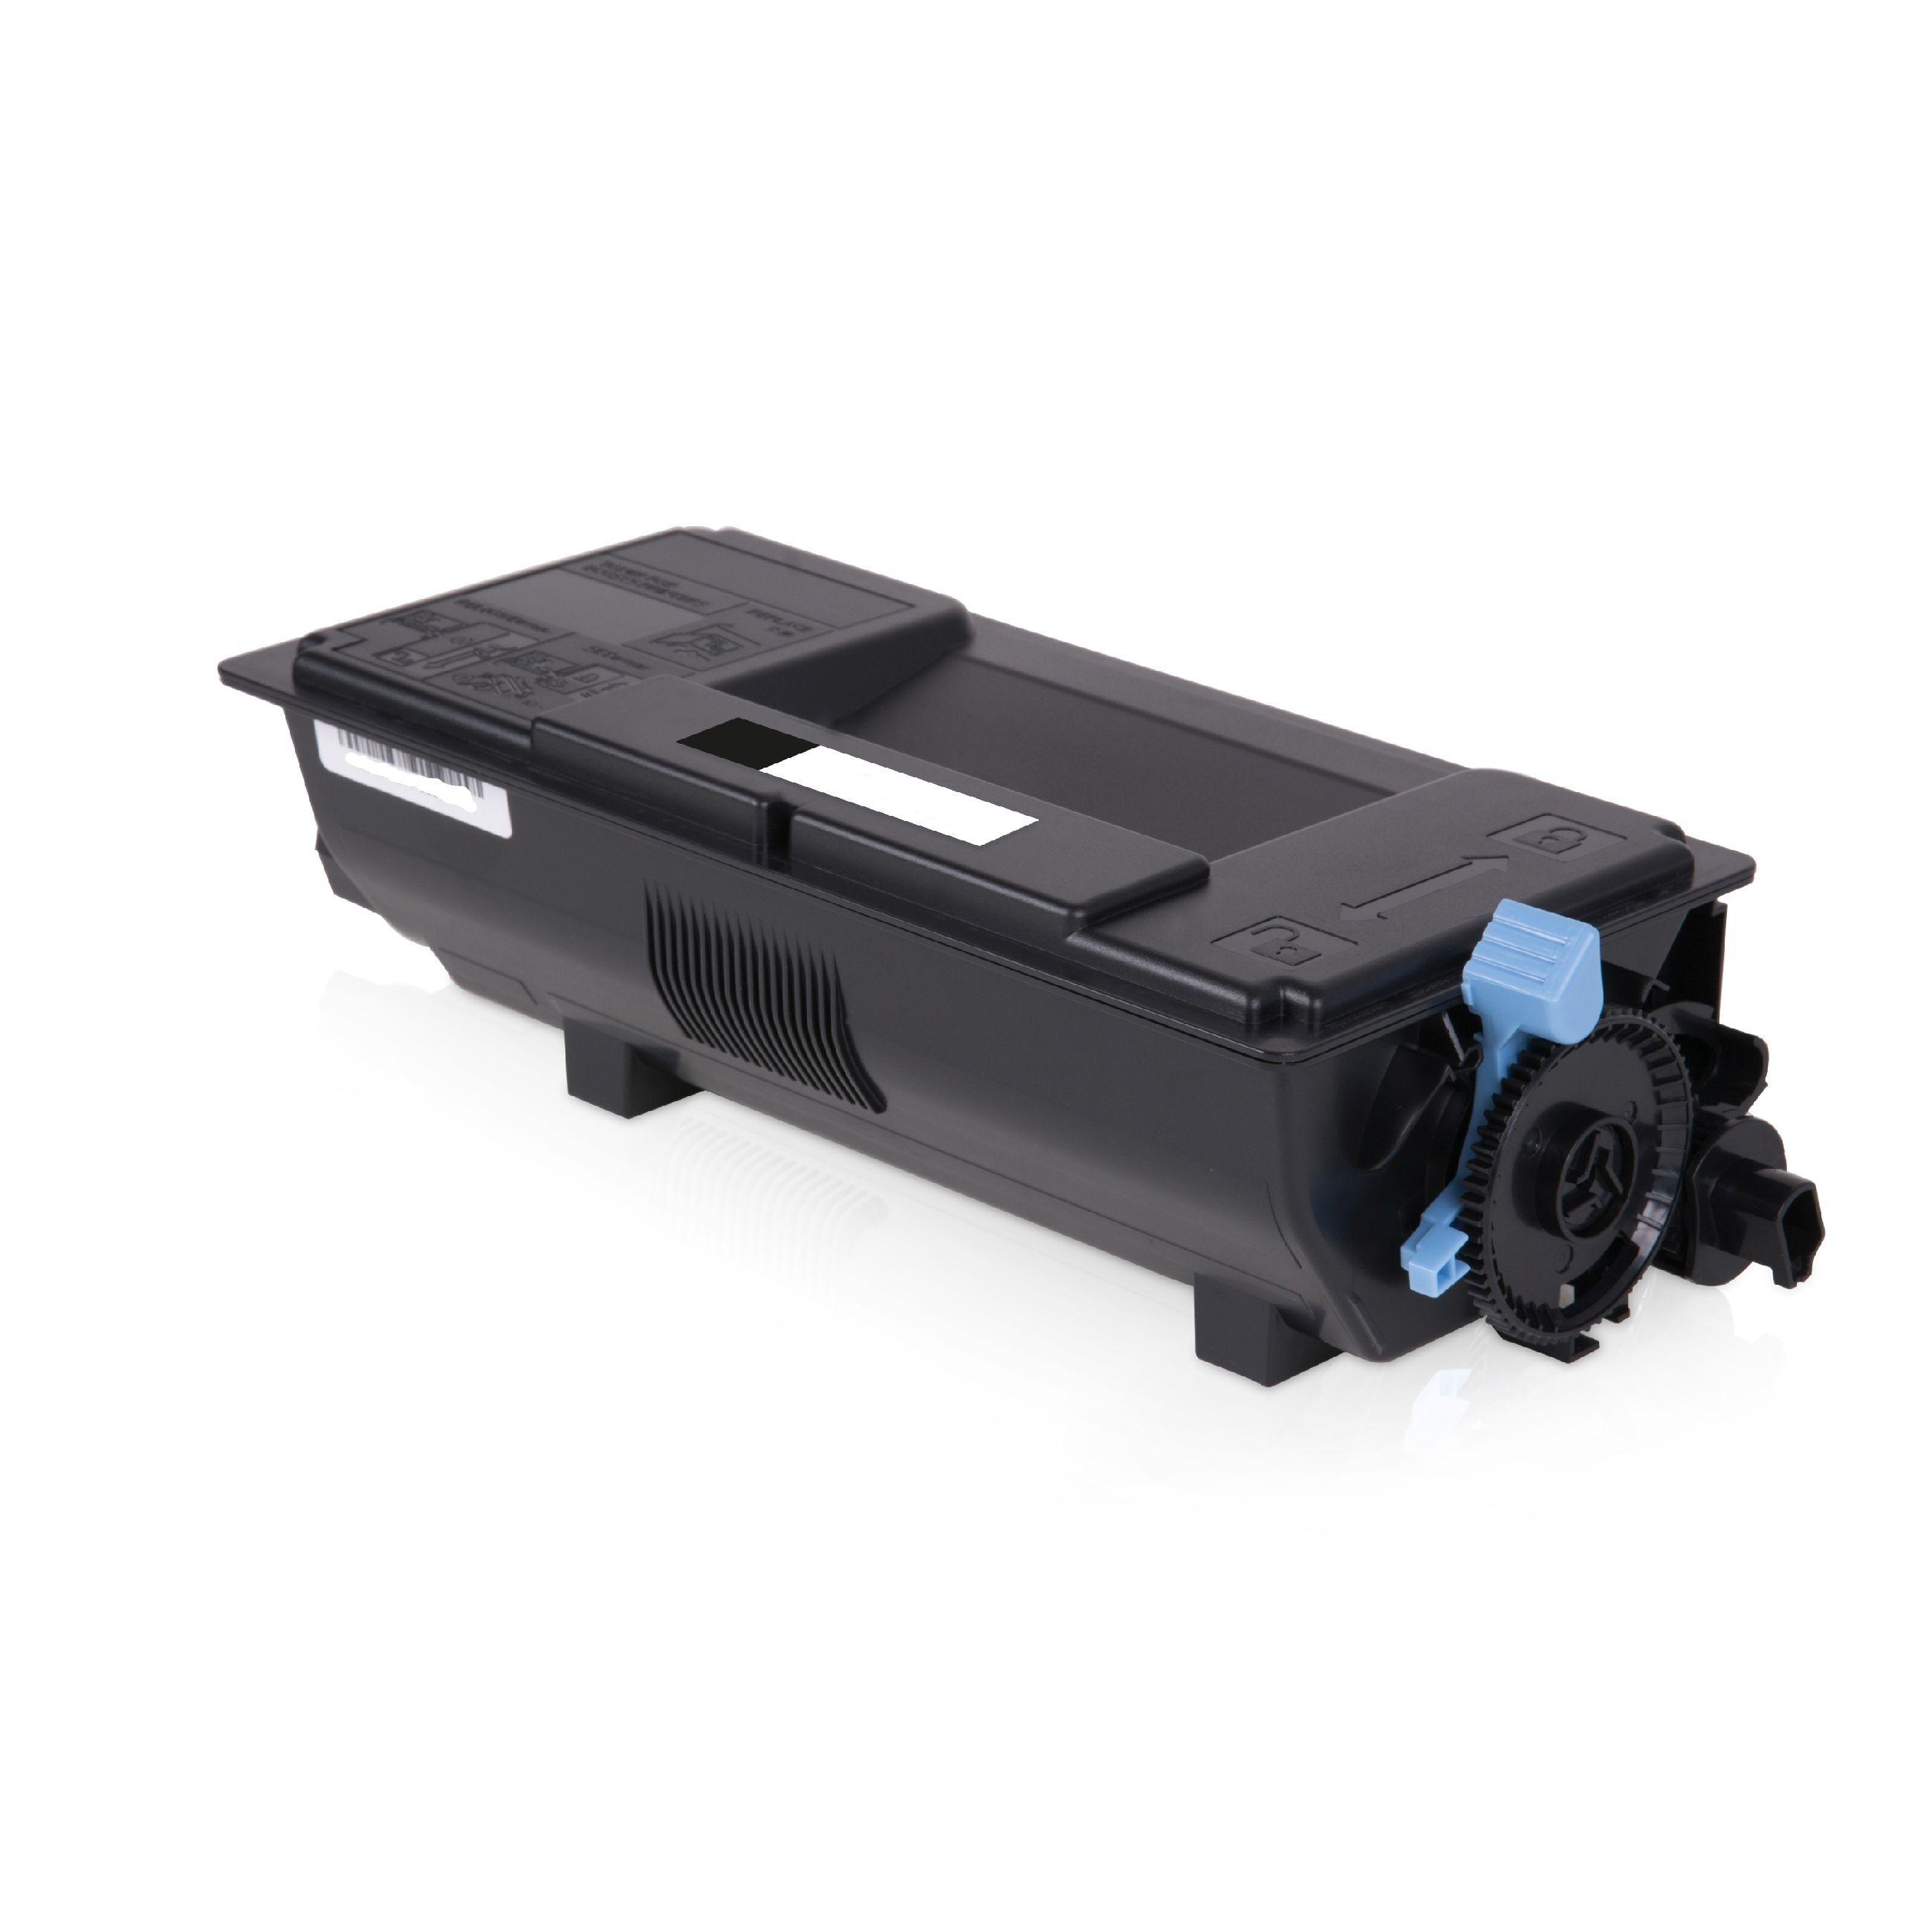 Kyocera Cartouche de Toner pour Kyocera 1T02T90NL0 / TK-3160 noir compatible (de marque ASC)